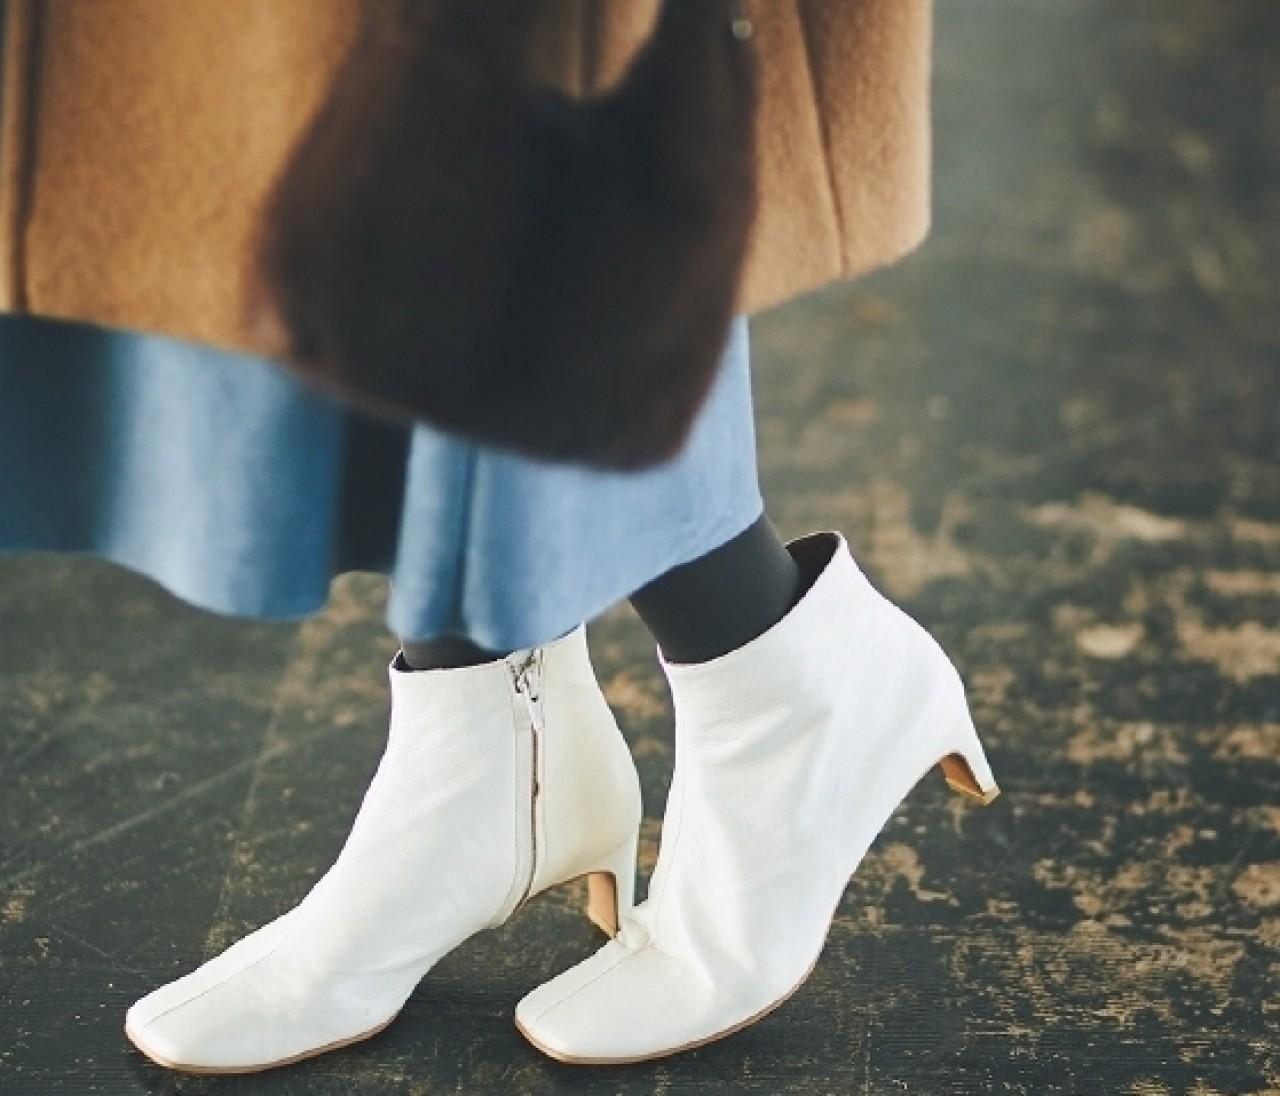 【ブラウンコートに似合う靴】パイソン柄や白ブーツでトレンド感抜群!